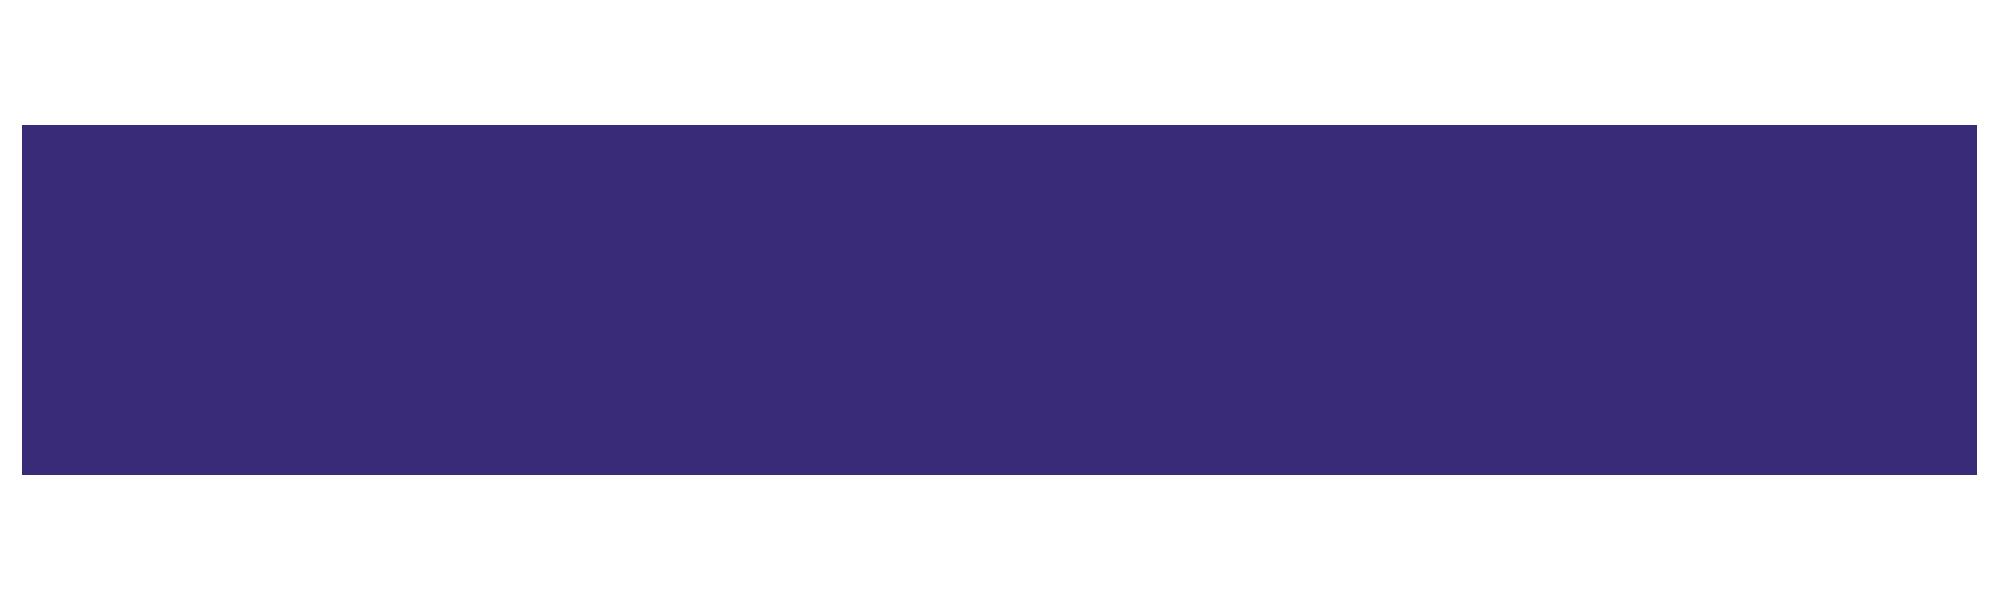 chameleon-logo-text-color (1).png